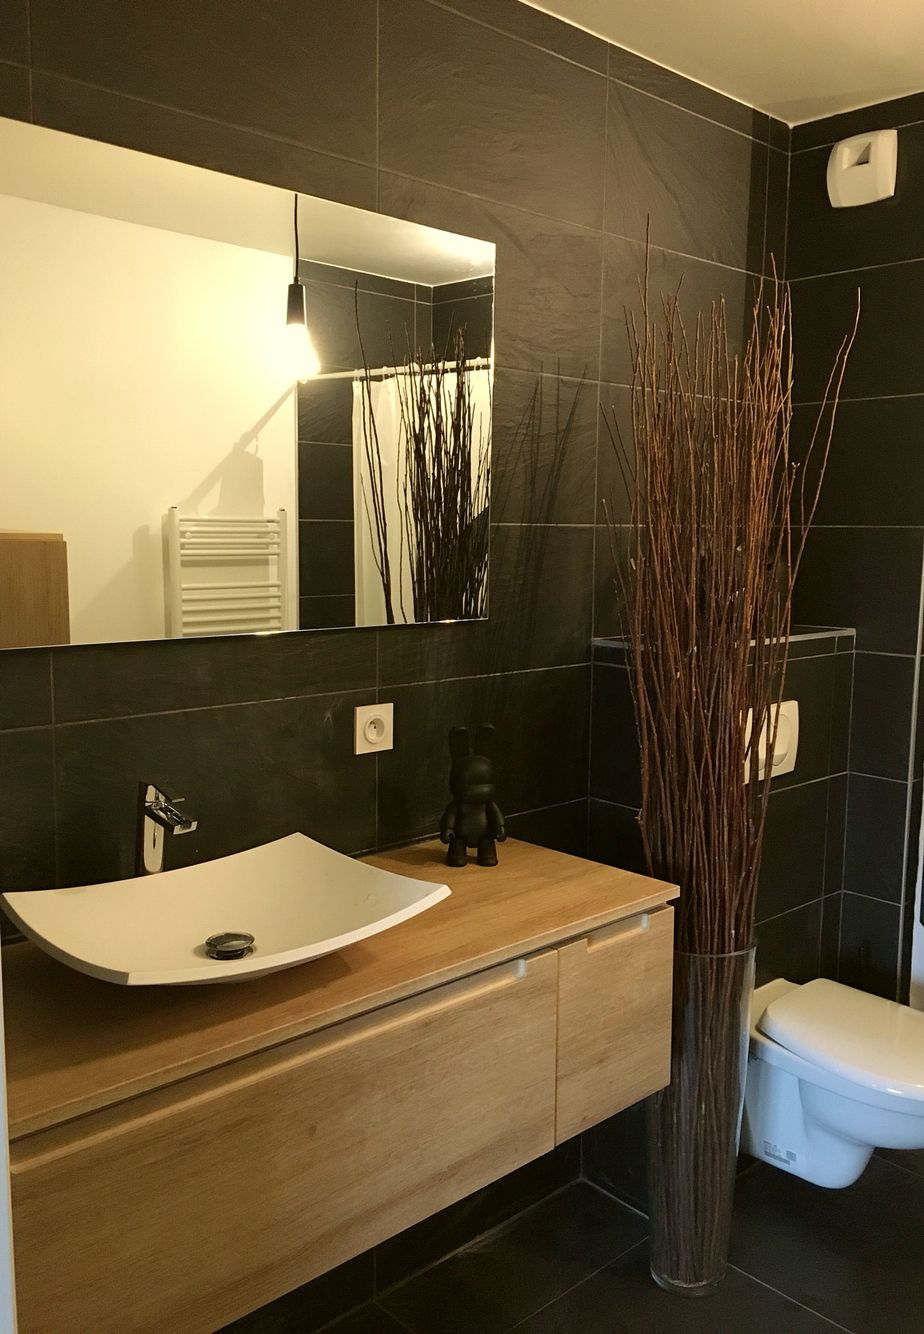 Salle de bain noir ardoise bois salle de bain suite parentale salle de bain salle et - Carrelage salle de bain noir ...